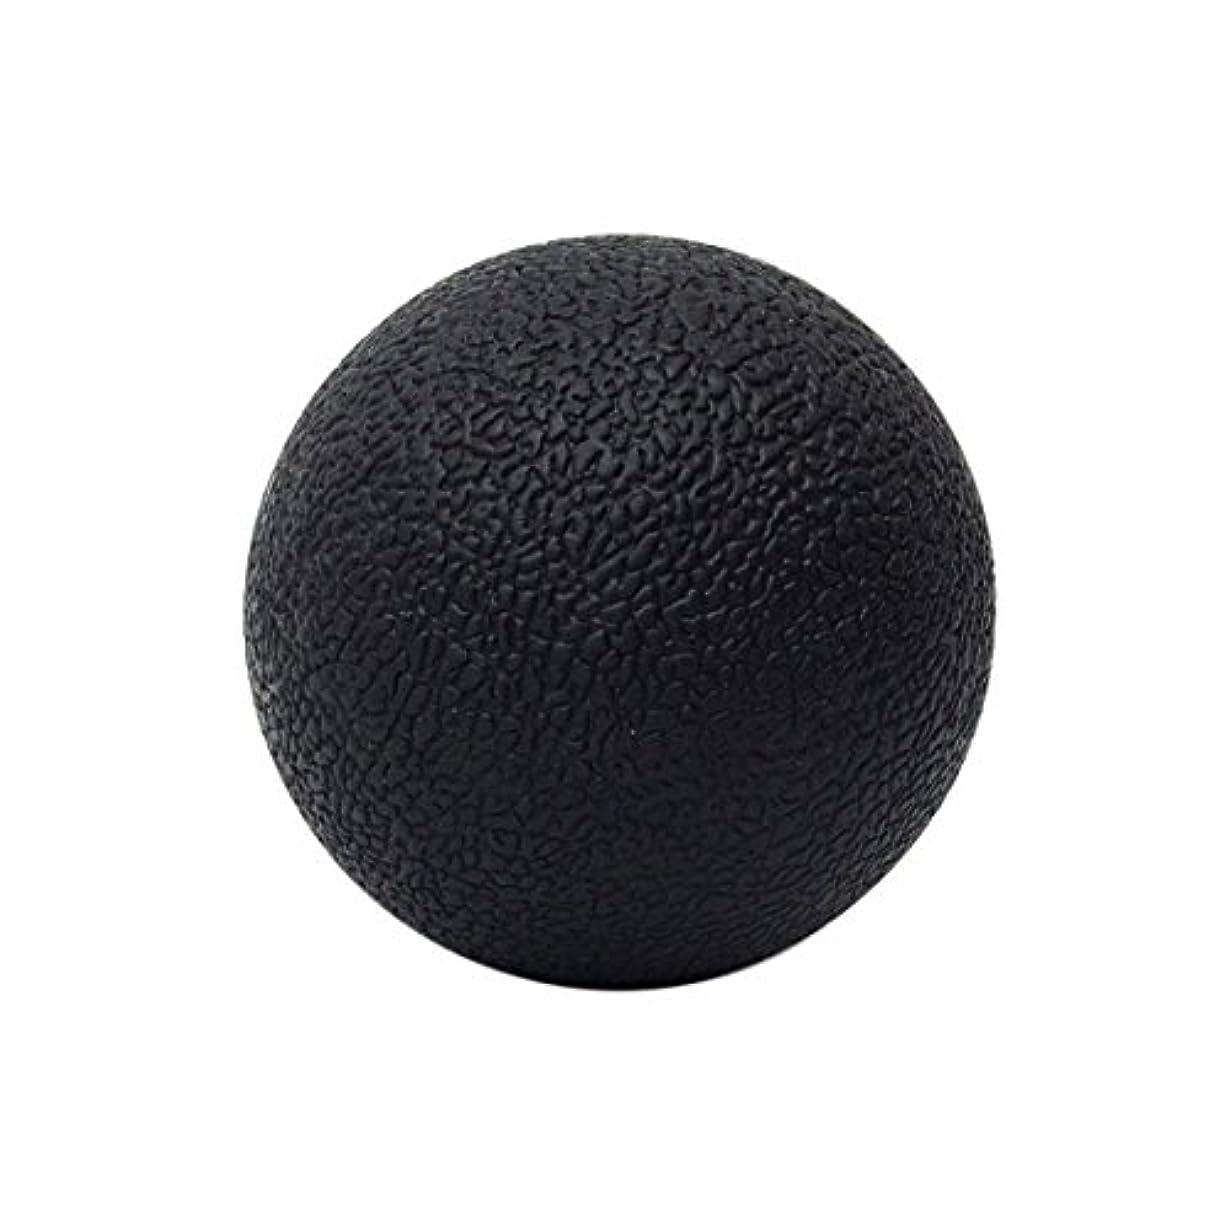 ストリップシリングチャンバーFreahap ストレッチボール マッサージボール リラックスボール 腰痛 肩こり ヨガ トレーニング シリコンゴム製